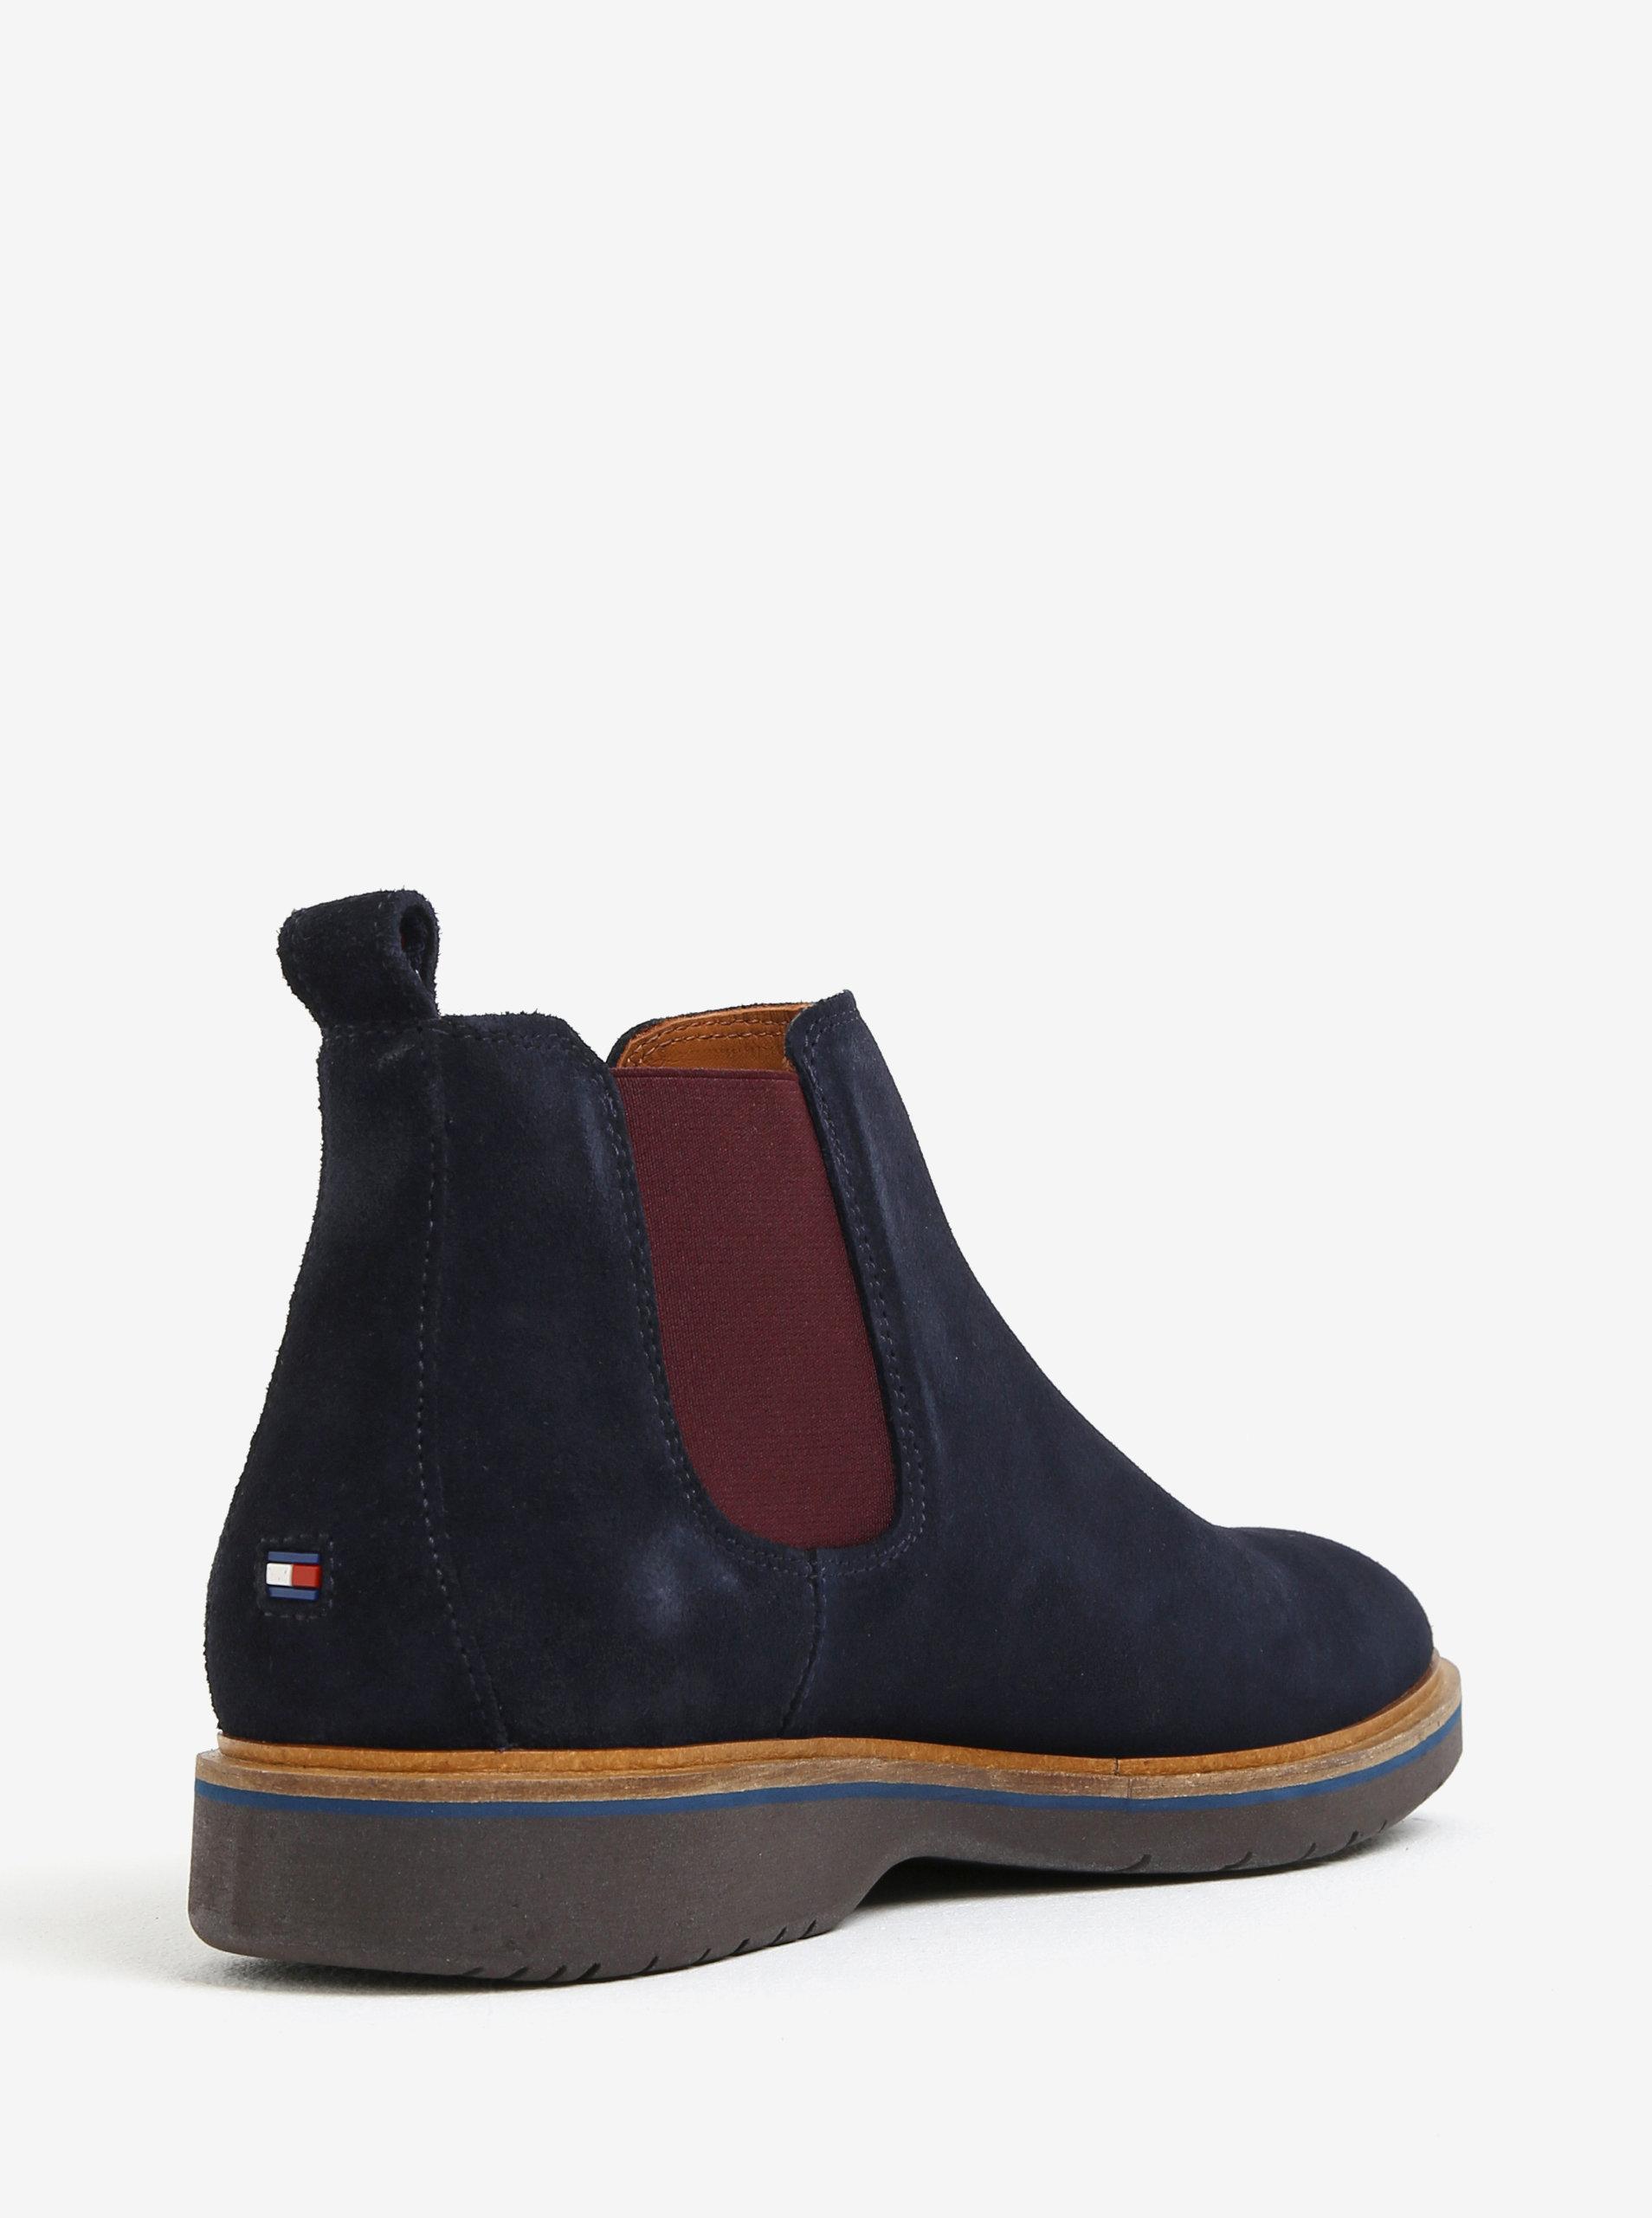 Tmavě modré pánské semišové chelsea boty Tommy Hilfiger ... 369c6222ab